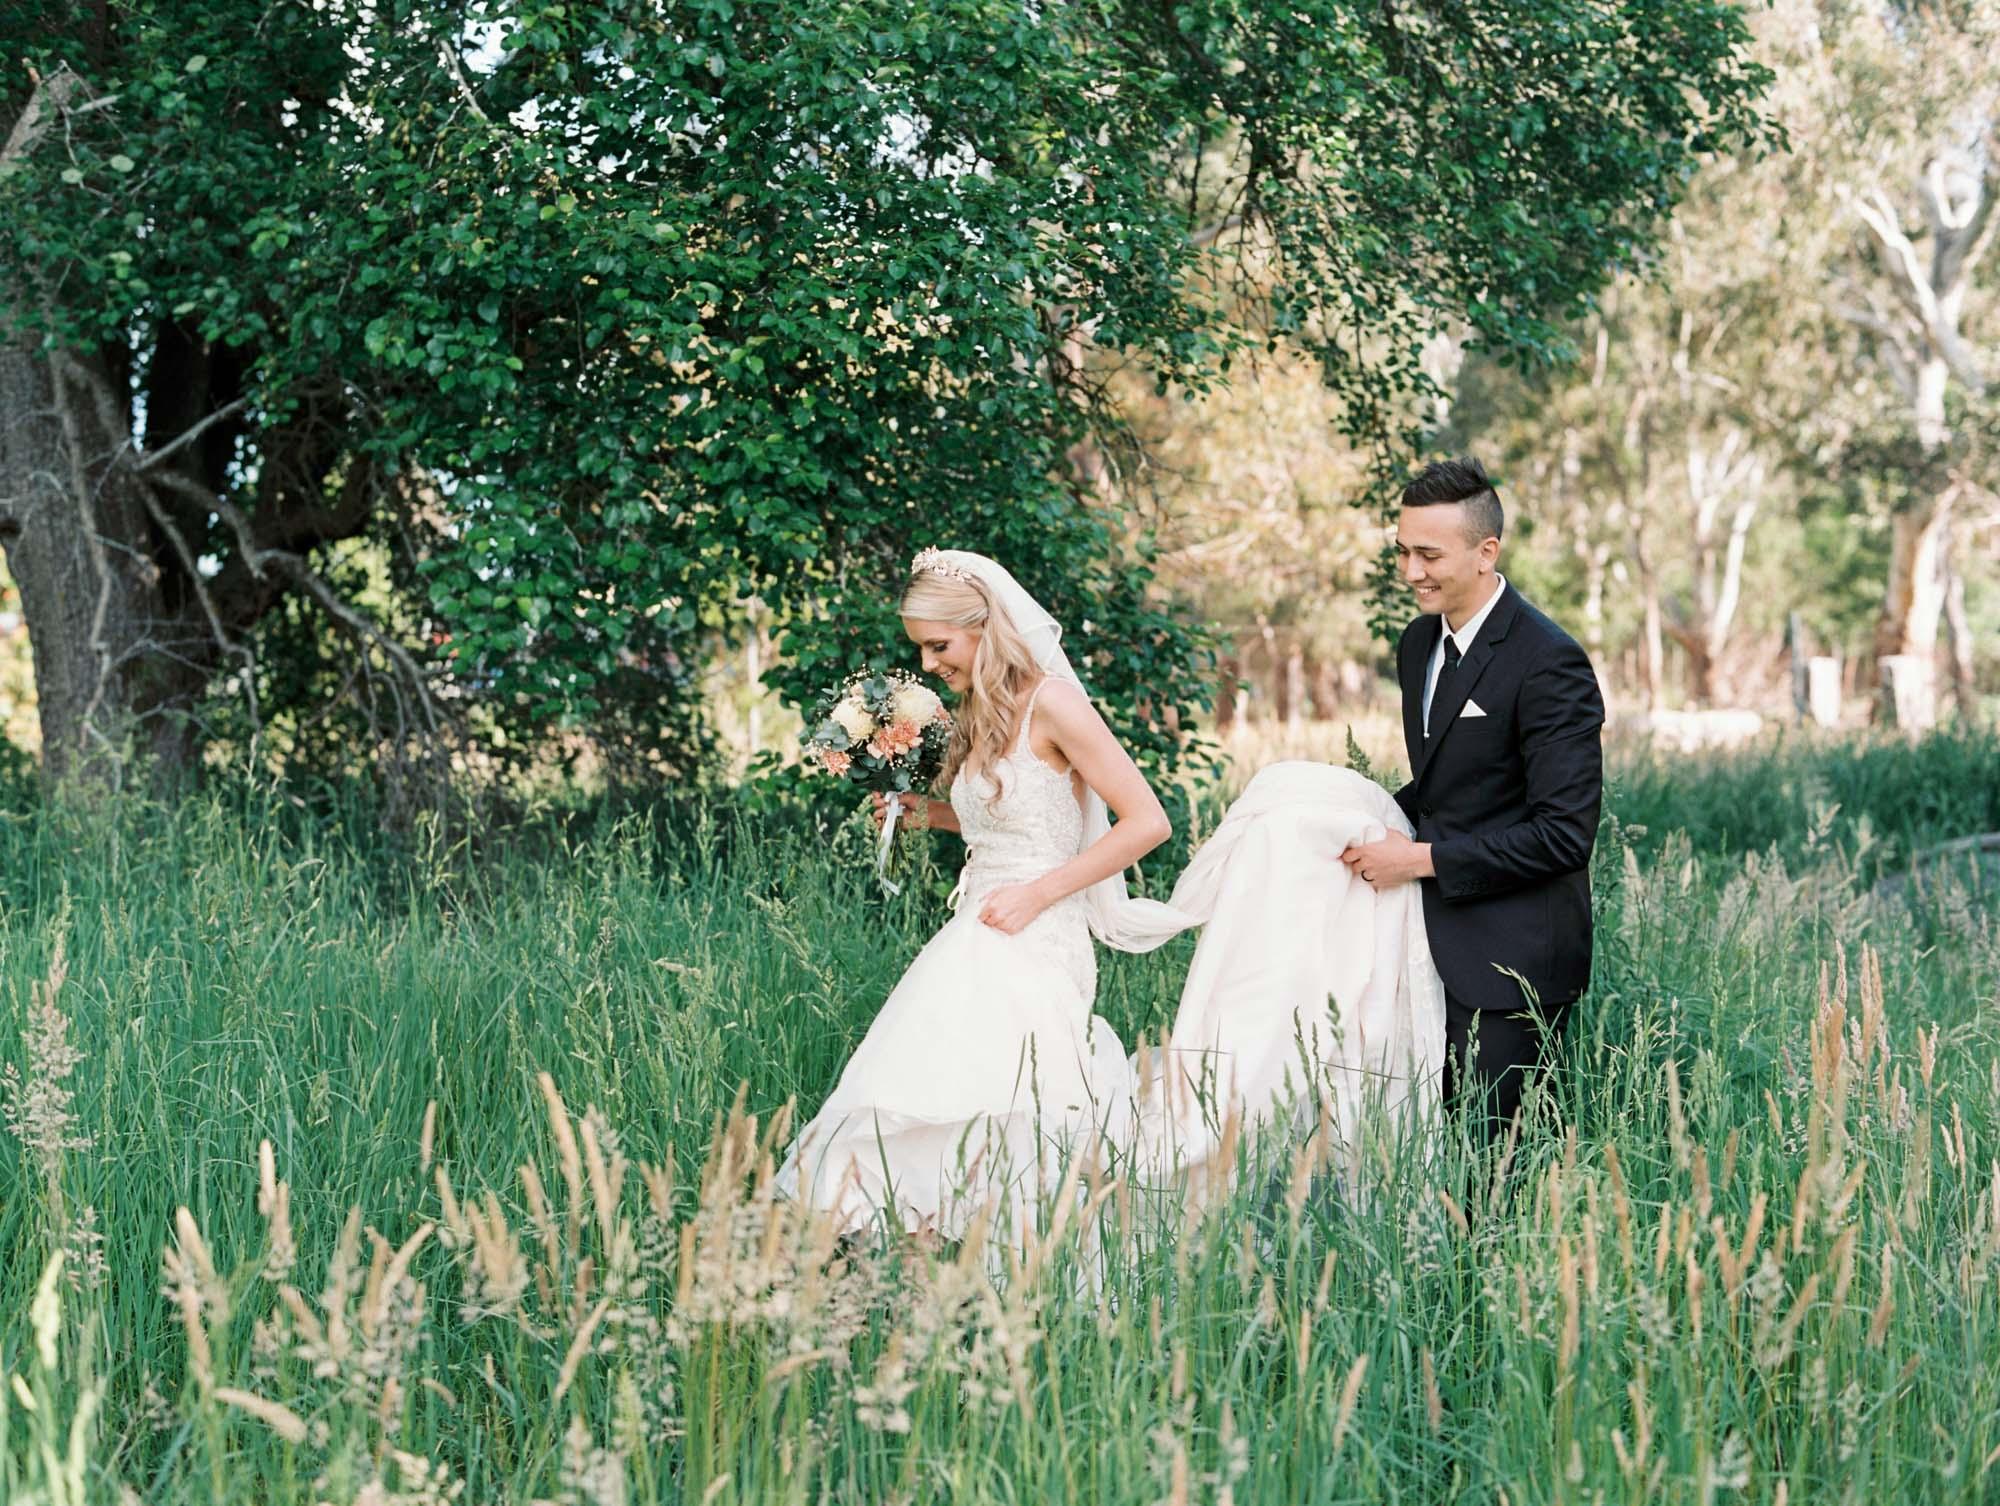 Whitehouse-hahndorf-wedding-photography-072.jpg